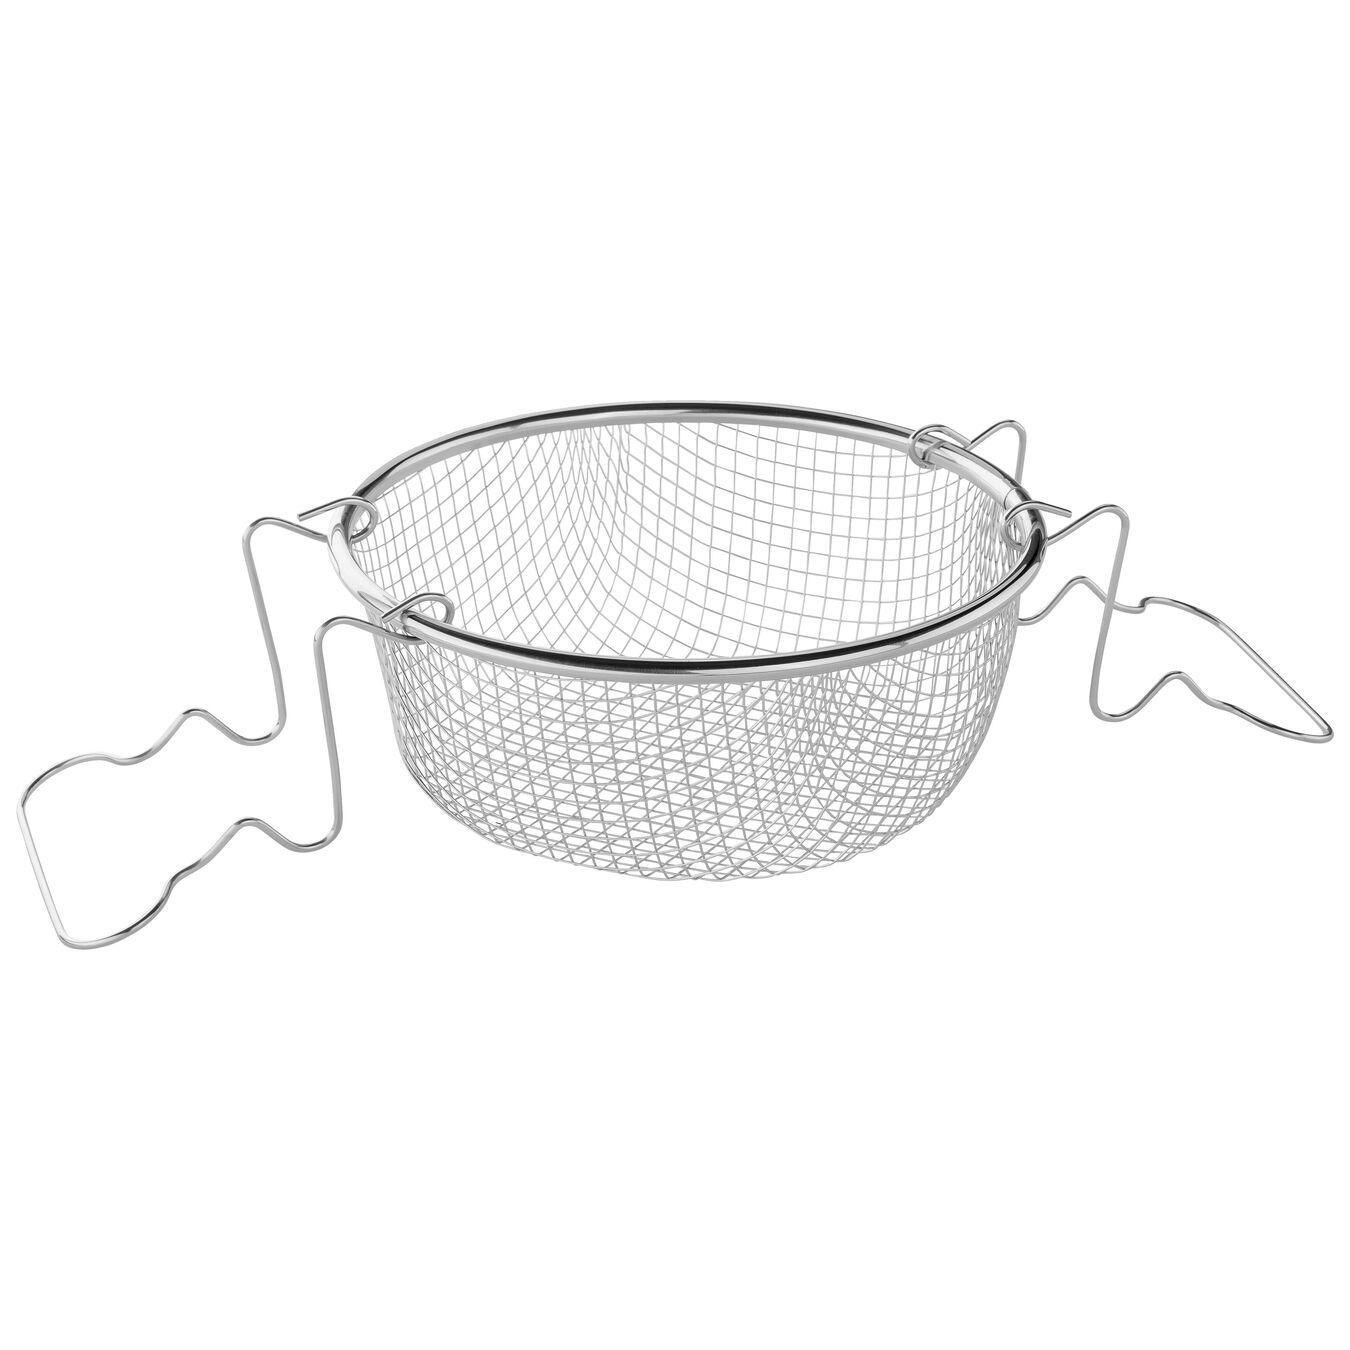 Cestello per friggere - 20 cm, 18/10 acciaio inossidabile,,large 2